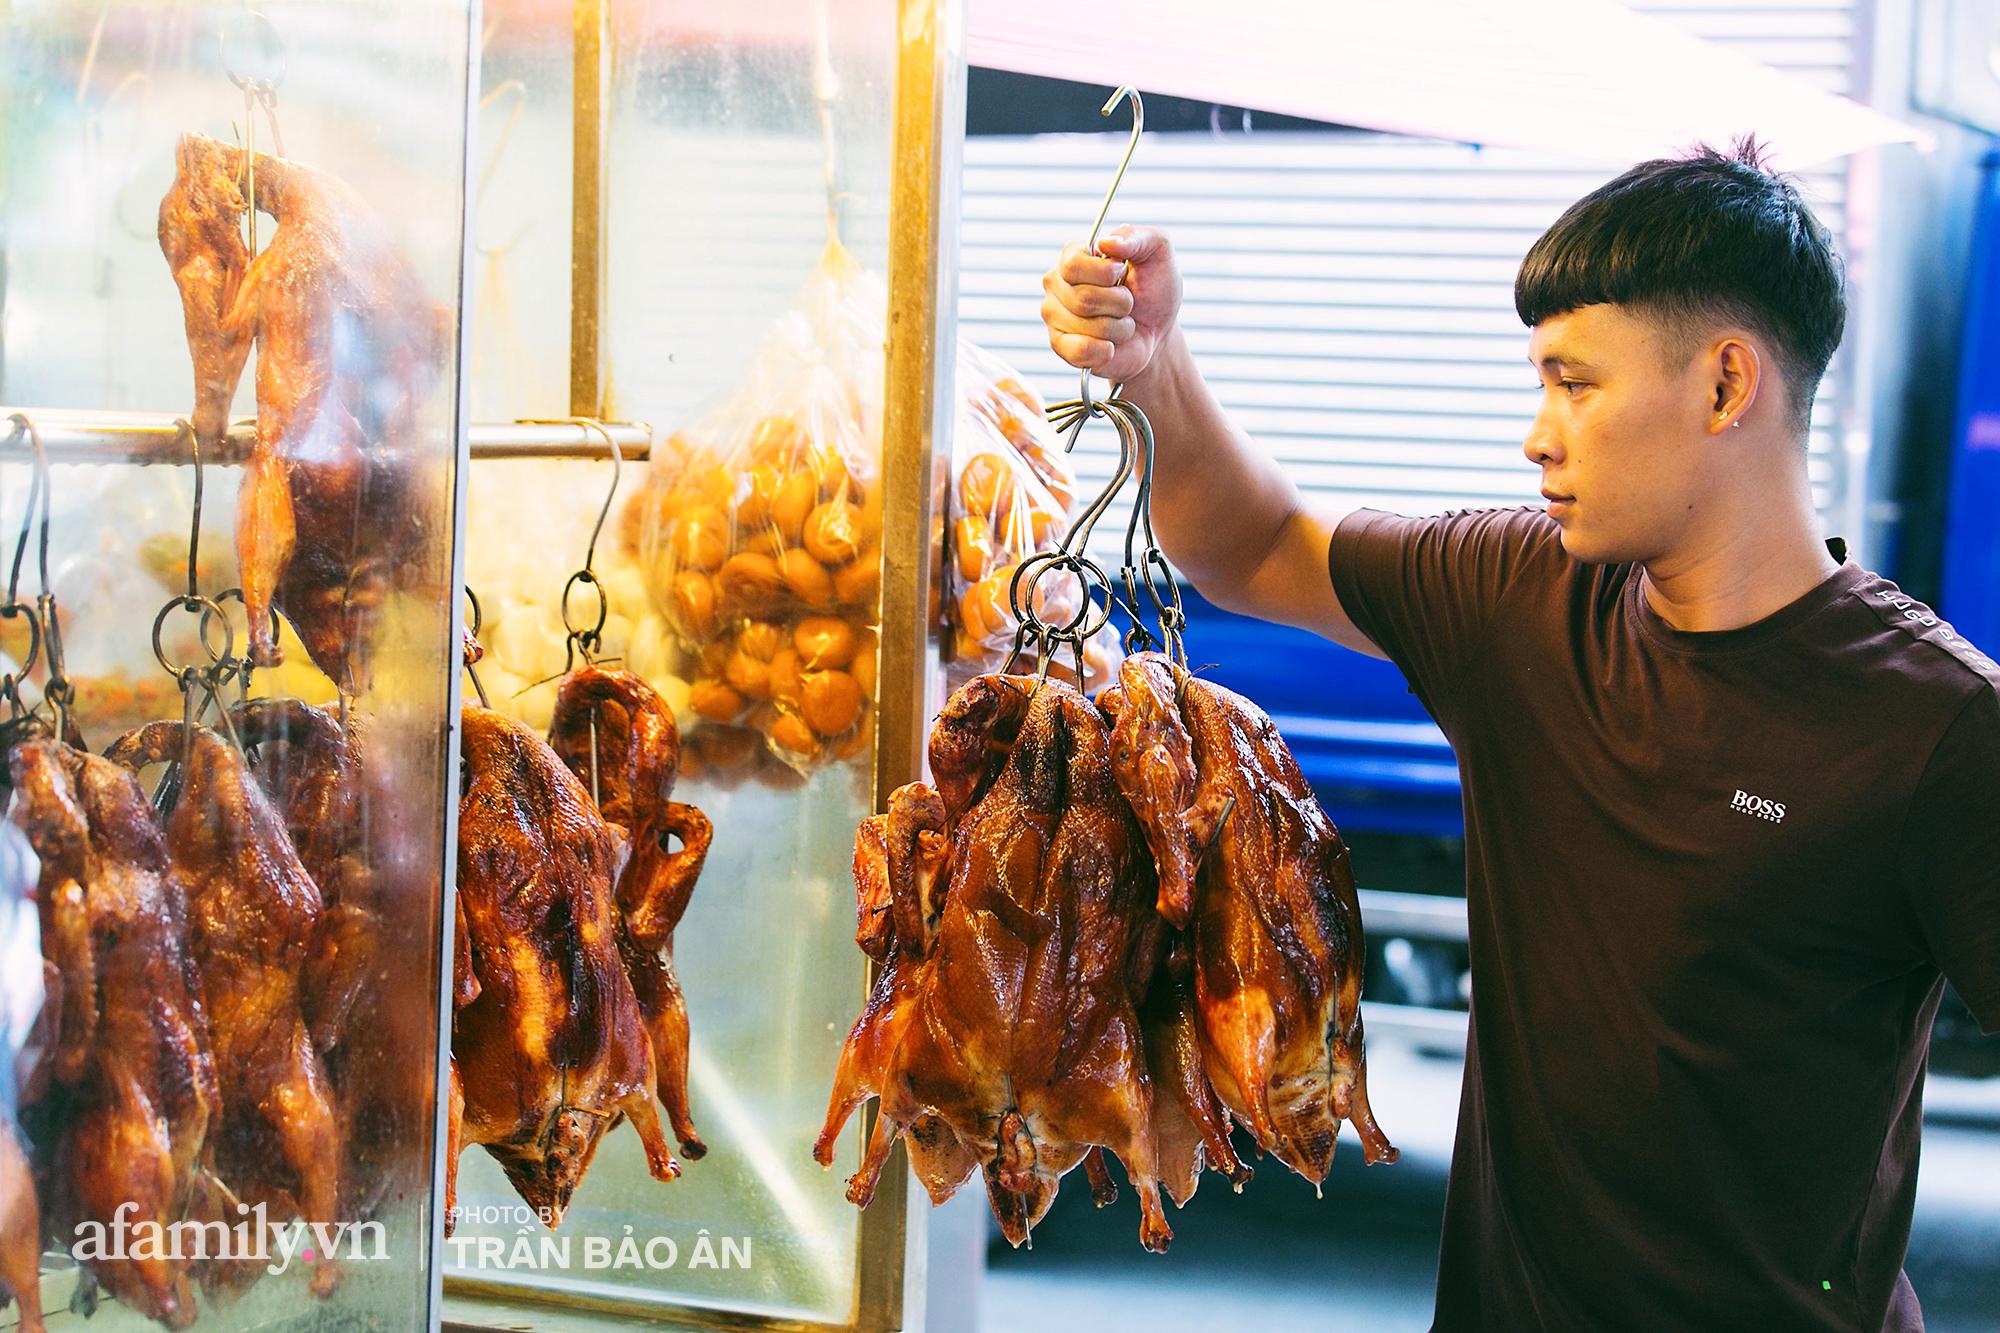 Tiệm vịt quay chính tông của người Hoa tại quận 5, đỉnh điểm có ngày bán 3.000 con, ra đời đã gần 50 năm chưa ngày nào vắng khách - Ảnh 3.